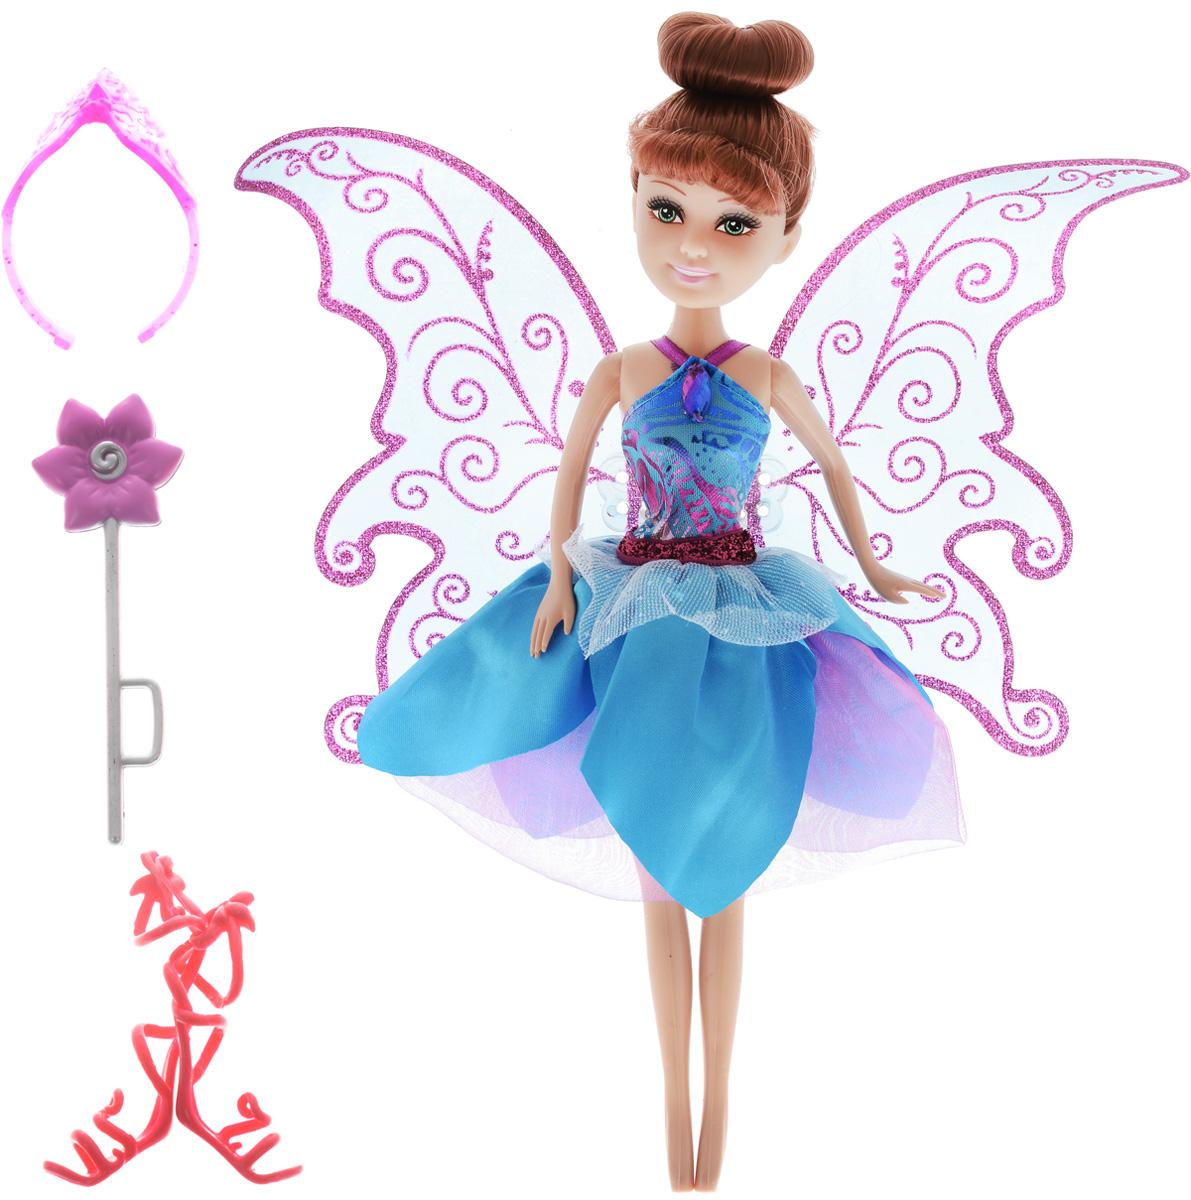 Funville Кукла Flutter Wings Fairy цвет платья голубой24048_цвет платья голубойОчаровательная кукла Funville Flutter Wings Fairy непременно понравится вашей малышке и станет одной из ее любимых игрушек. Кукла одета в волшебное платье с пышной многослойной юбкой и блестящими полупрозрачными крылышками. Крылышки можно с легкостью снять. Шикарные длинные волосы куклы можно расчесывать и убирать в красивые прически. Голова, руки и ноги куклы подвижны. В комплект с куклой входят оригинальные босоножки красного цвета, розовая корона и пластиковый цветочек. Ваша малышка придет в восторг от такого подарка, и с удовольствием будет играть с куколкой, которая готова унести ее в мир сказочных фантазий.